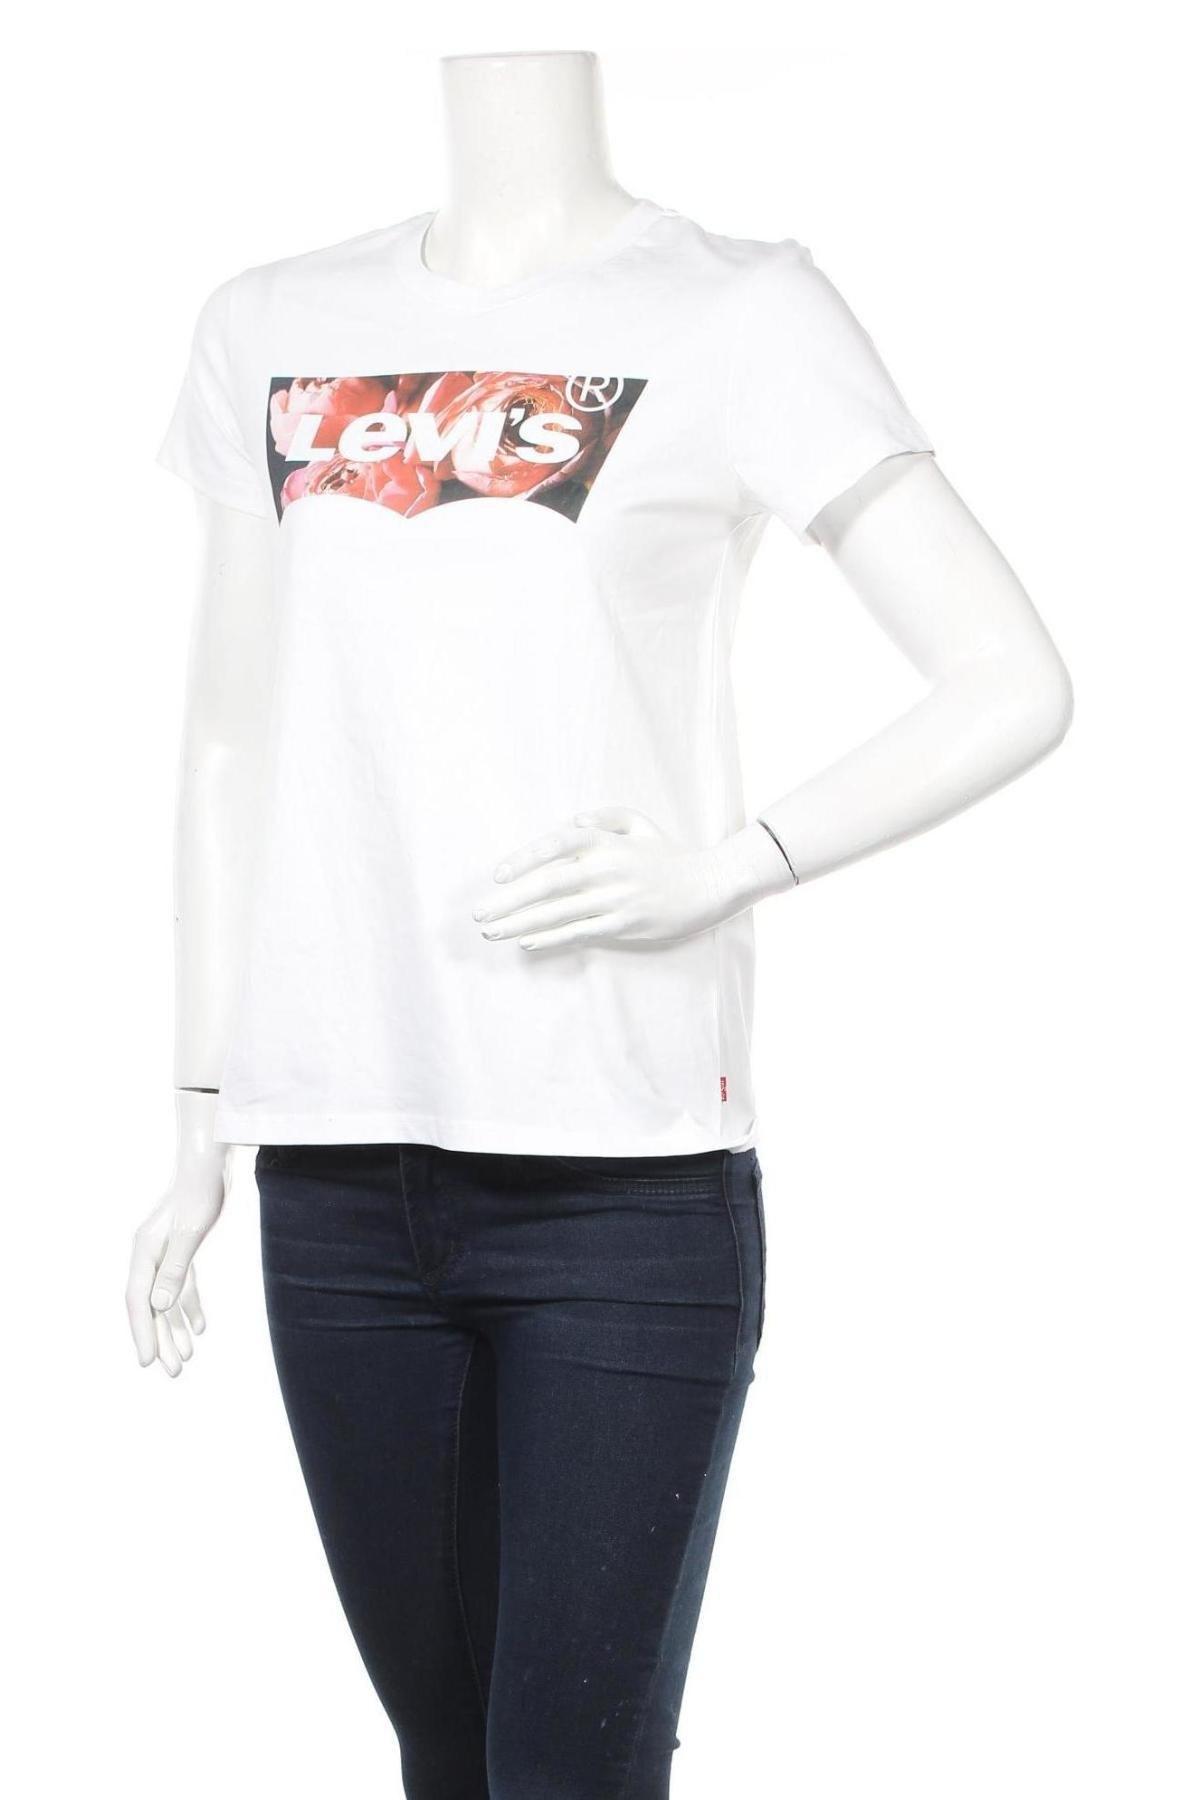 Дамска тениска Levi's, Размер S, Цвят Бял, Памук, Цена 48,00лв.